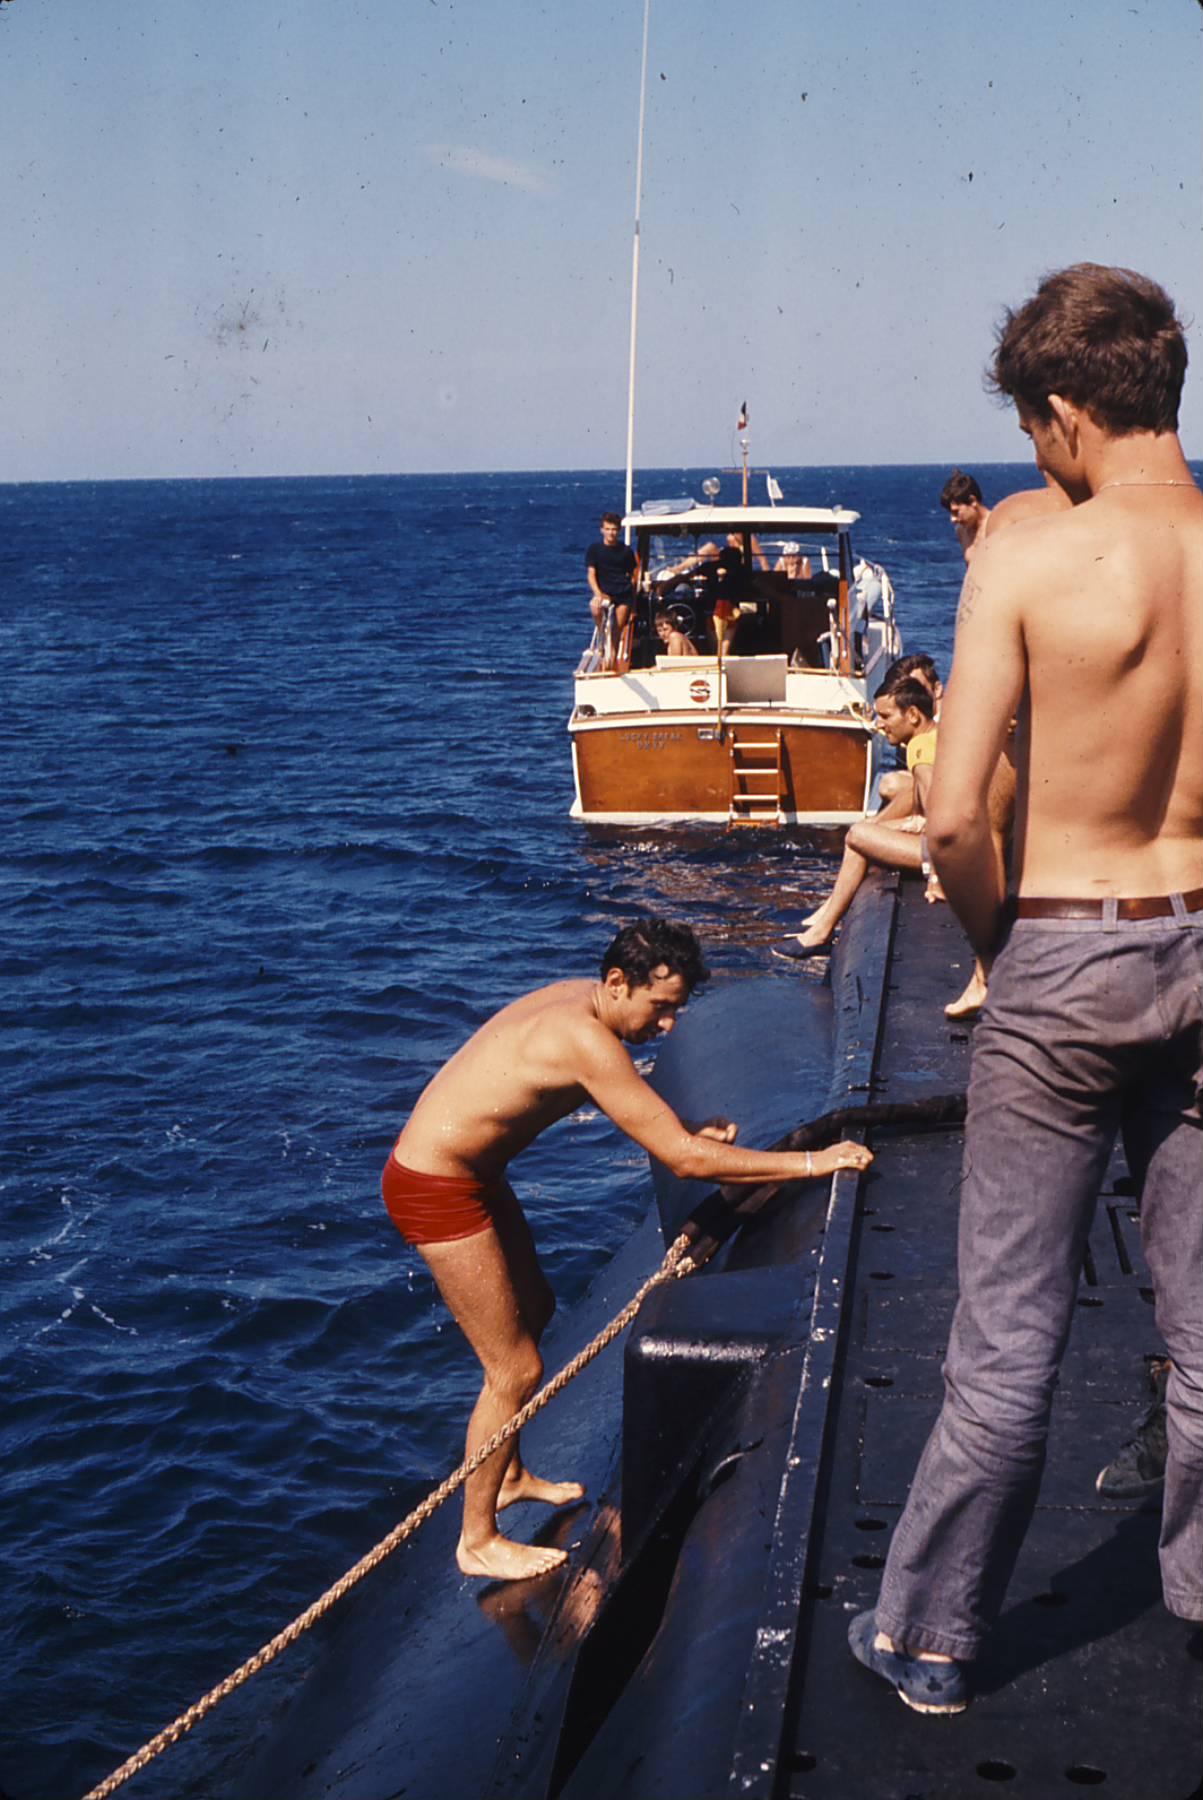 [Les traditions dans la Marine] Baignade le long du bord 17660349bBilljuillet1973PhotoXavierDuquesne